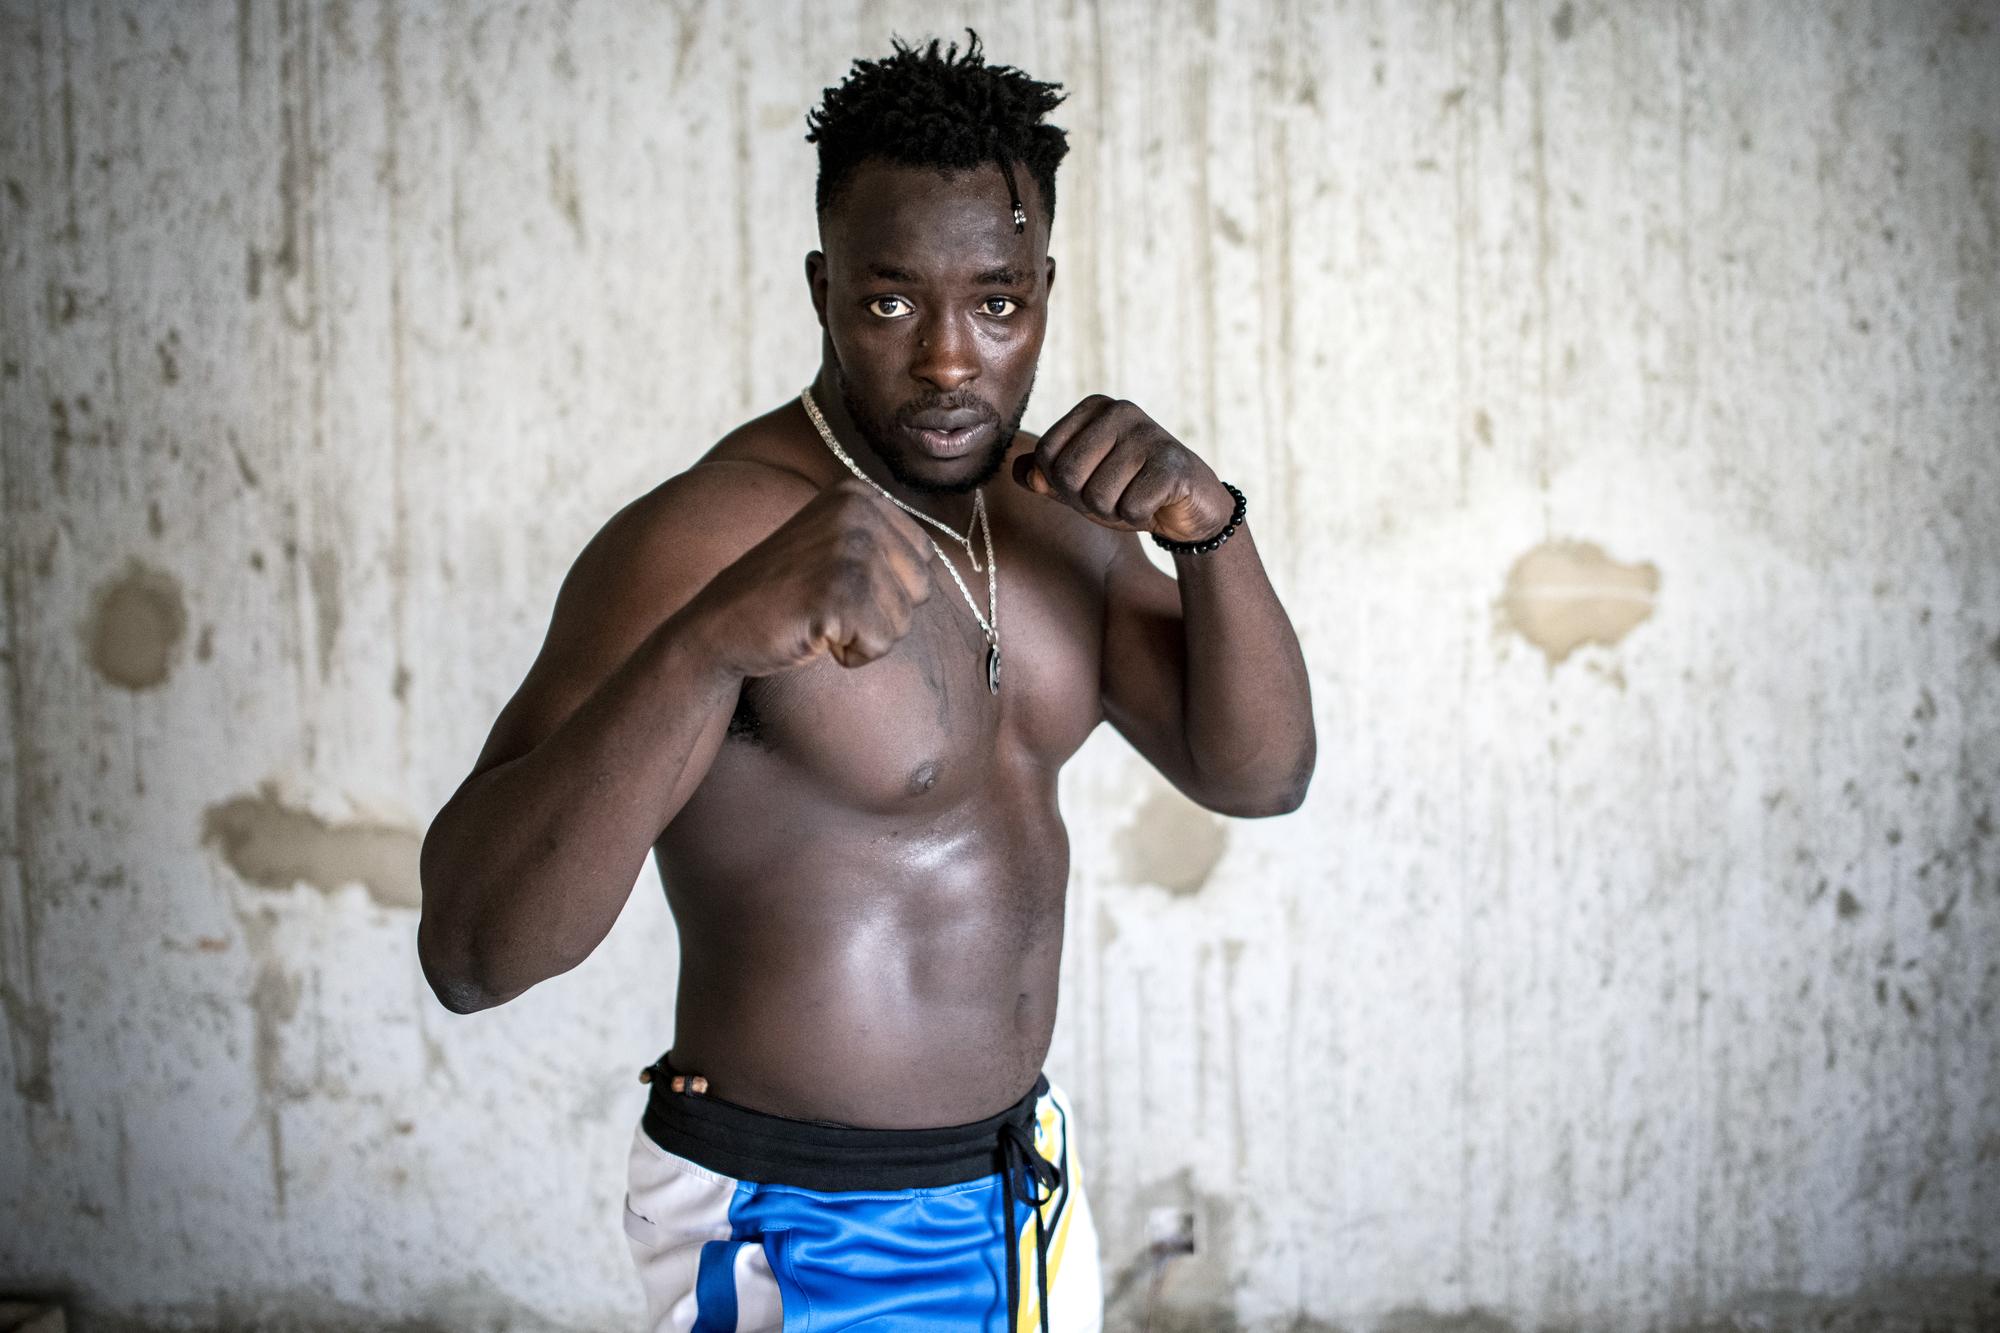 Rencontre avec le lutteur sénégalais Siteu à Rufisque dans la grande banlieue de Dakar. Le 8 juin 2020.